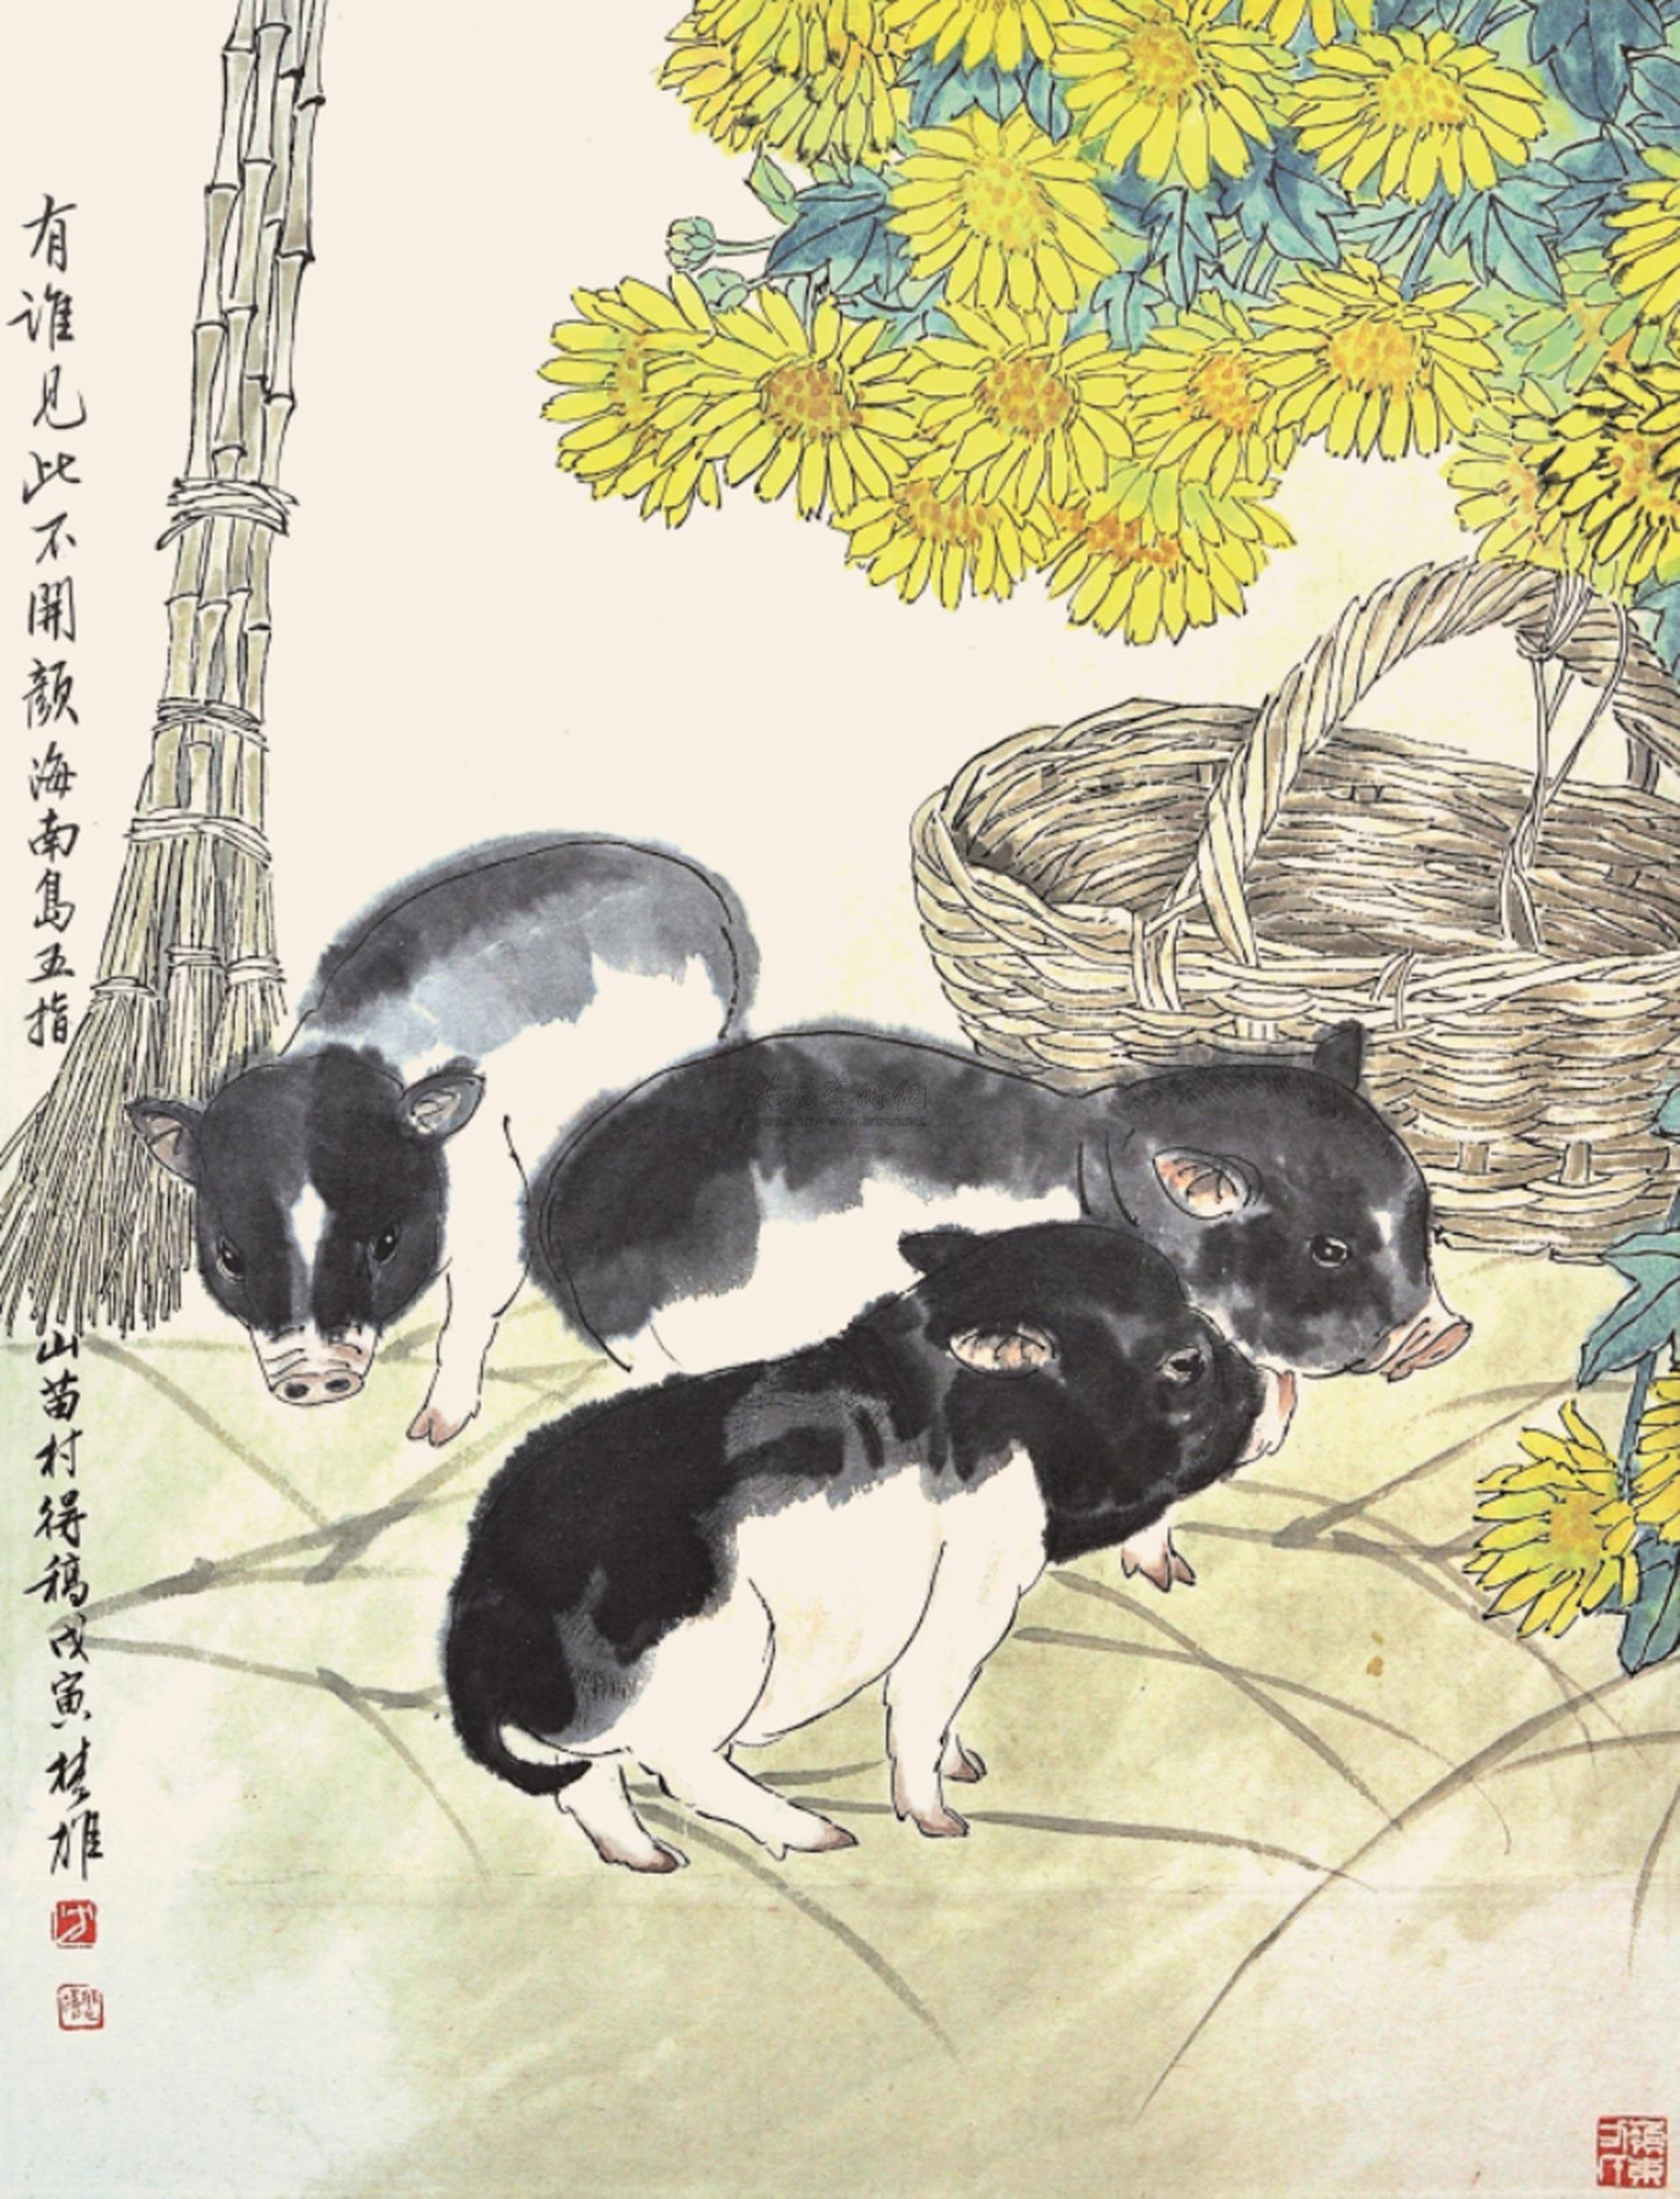 国画猪_国画 1910_2500 竖版 竖屏